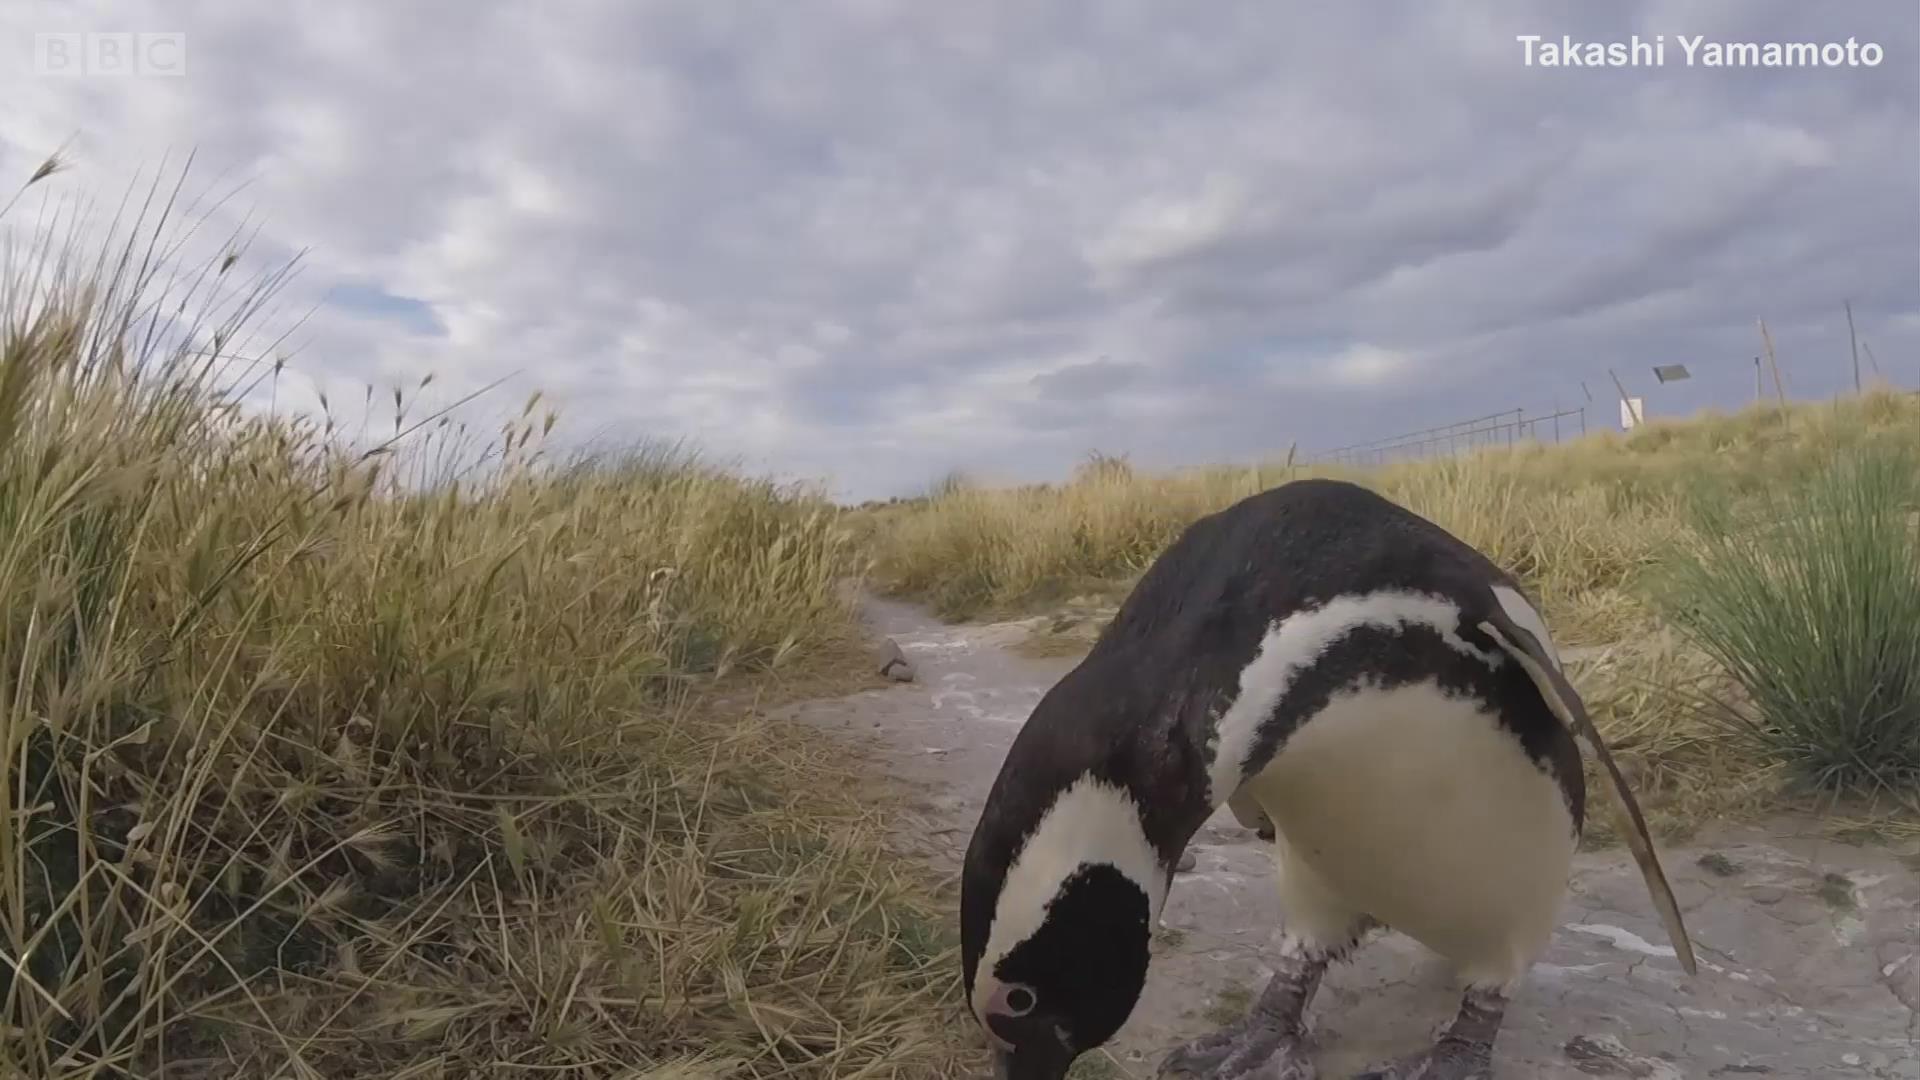 遭遇困境的企鹅